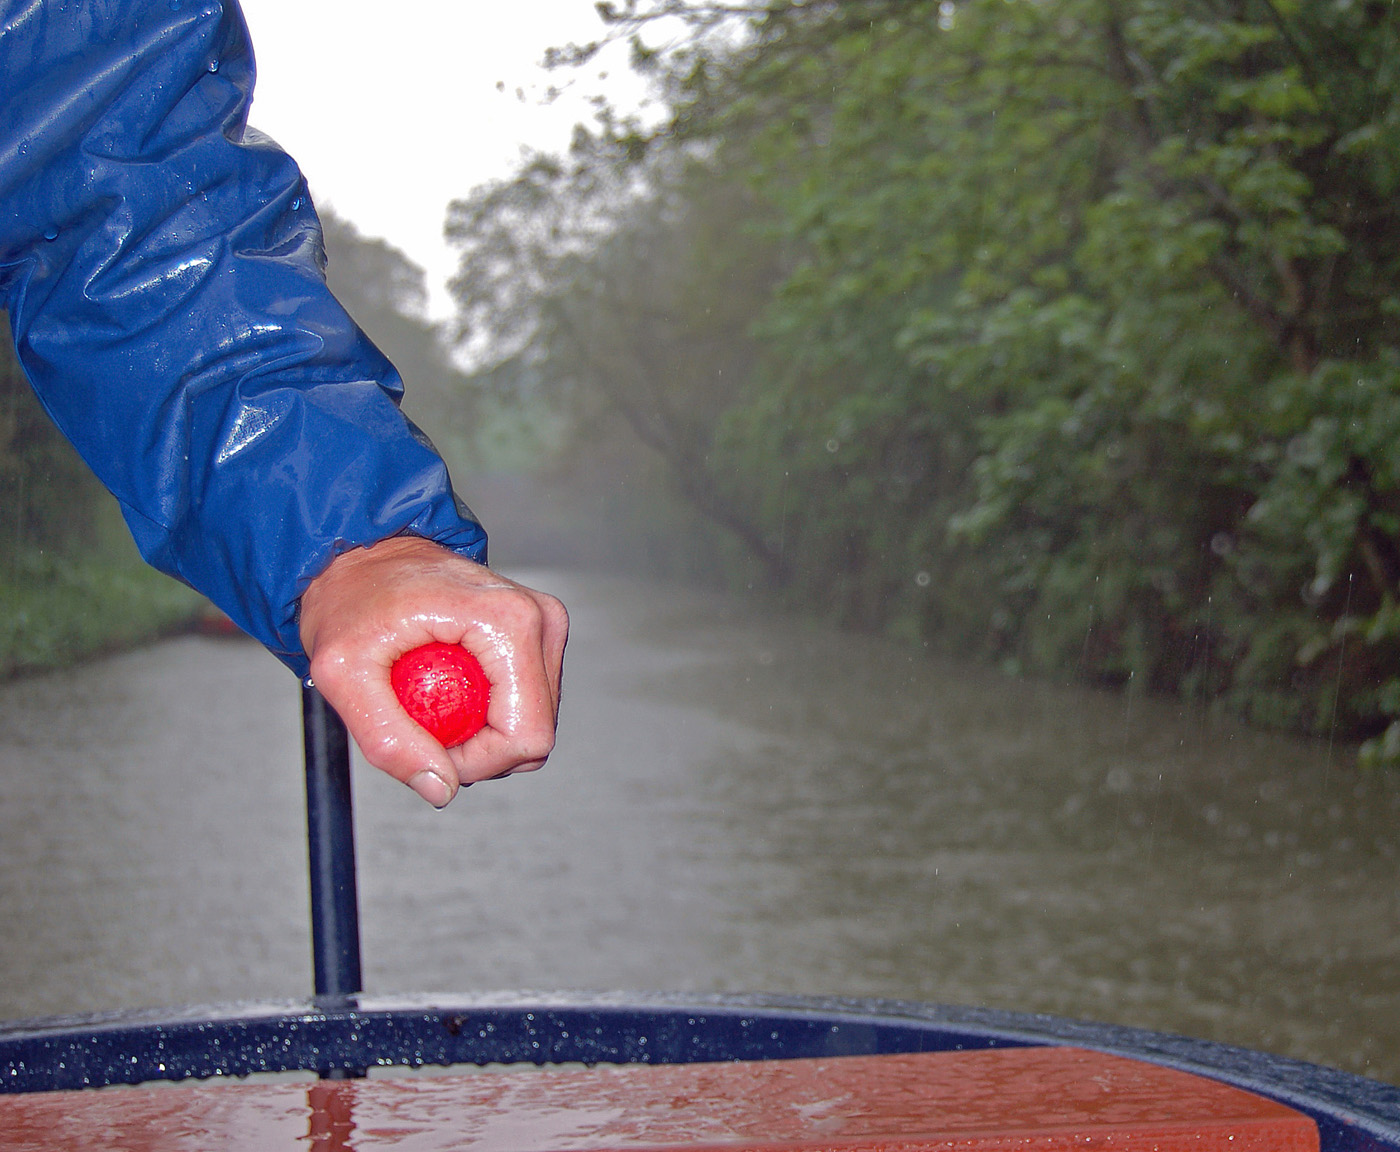 'In the Rain' by Jo Horscroft